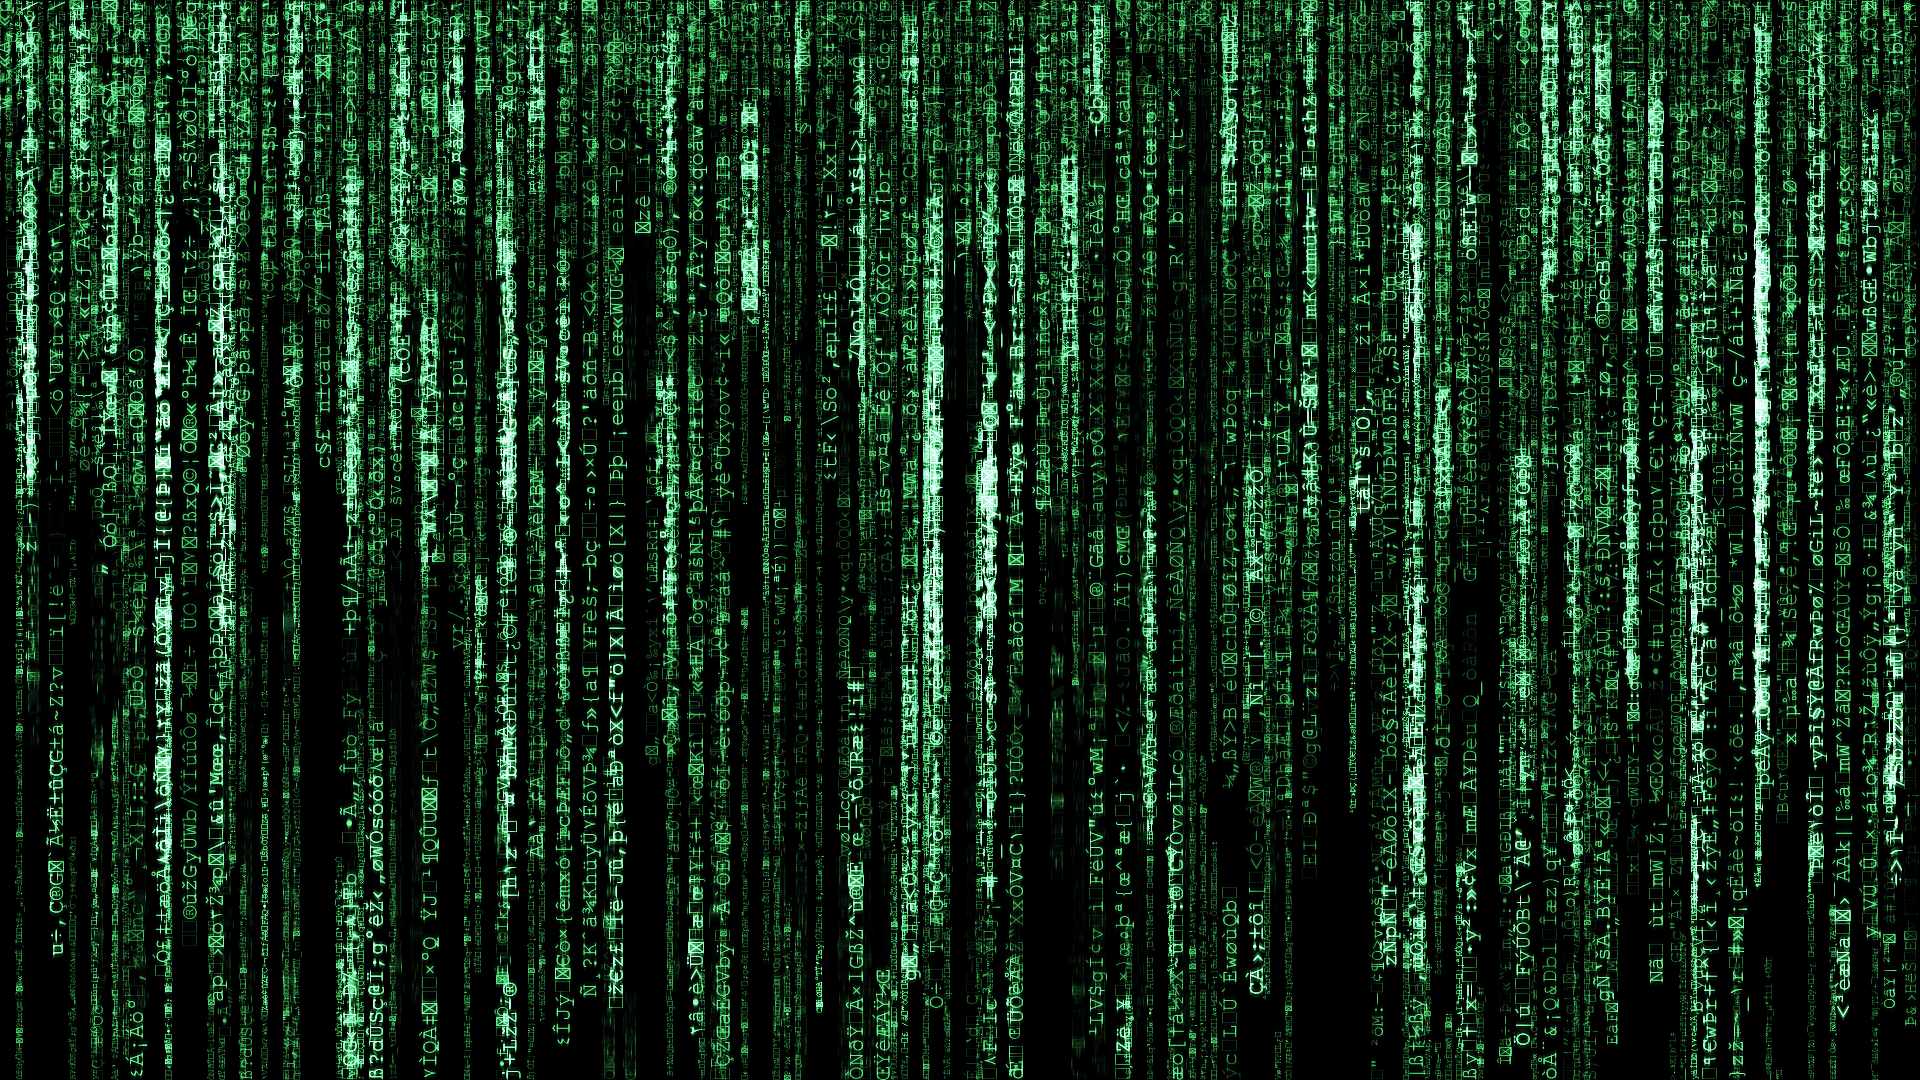 Hd Wallpapers Hacker wallpaper   1385399 1920x1080